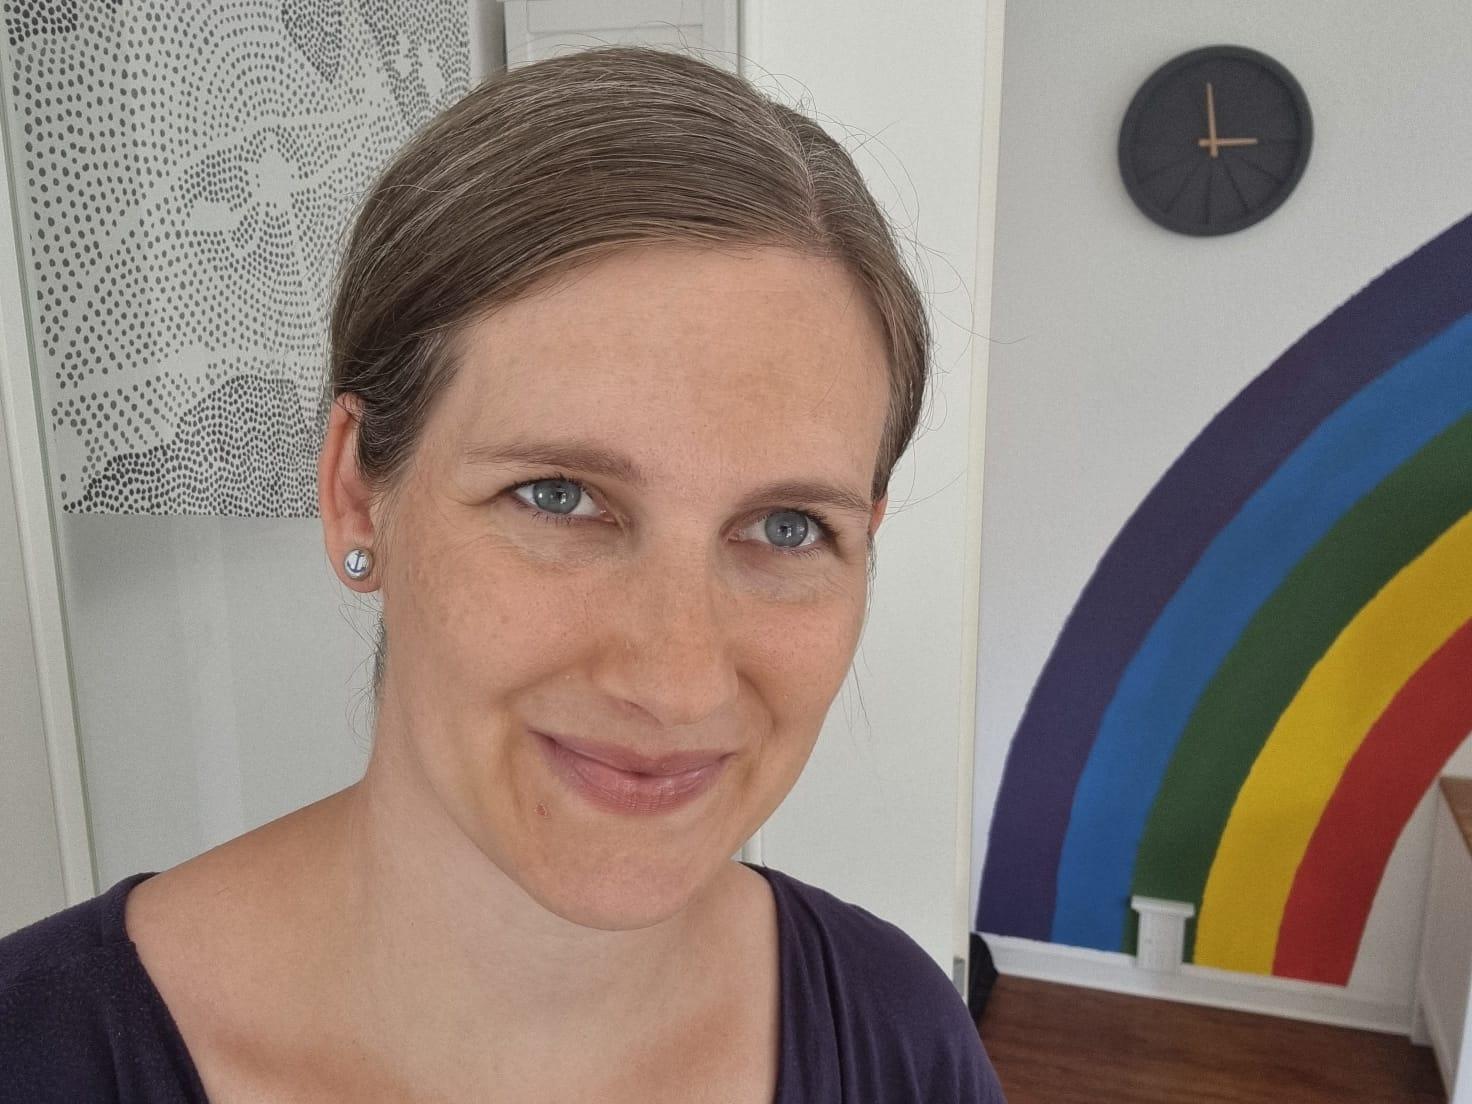 Porträt von Elternberaterin Elena Schwarzer. Sie lächelt, neben ihr ist ein auf die Wand gemalter Regenbogen zu sehen.